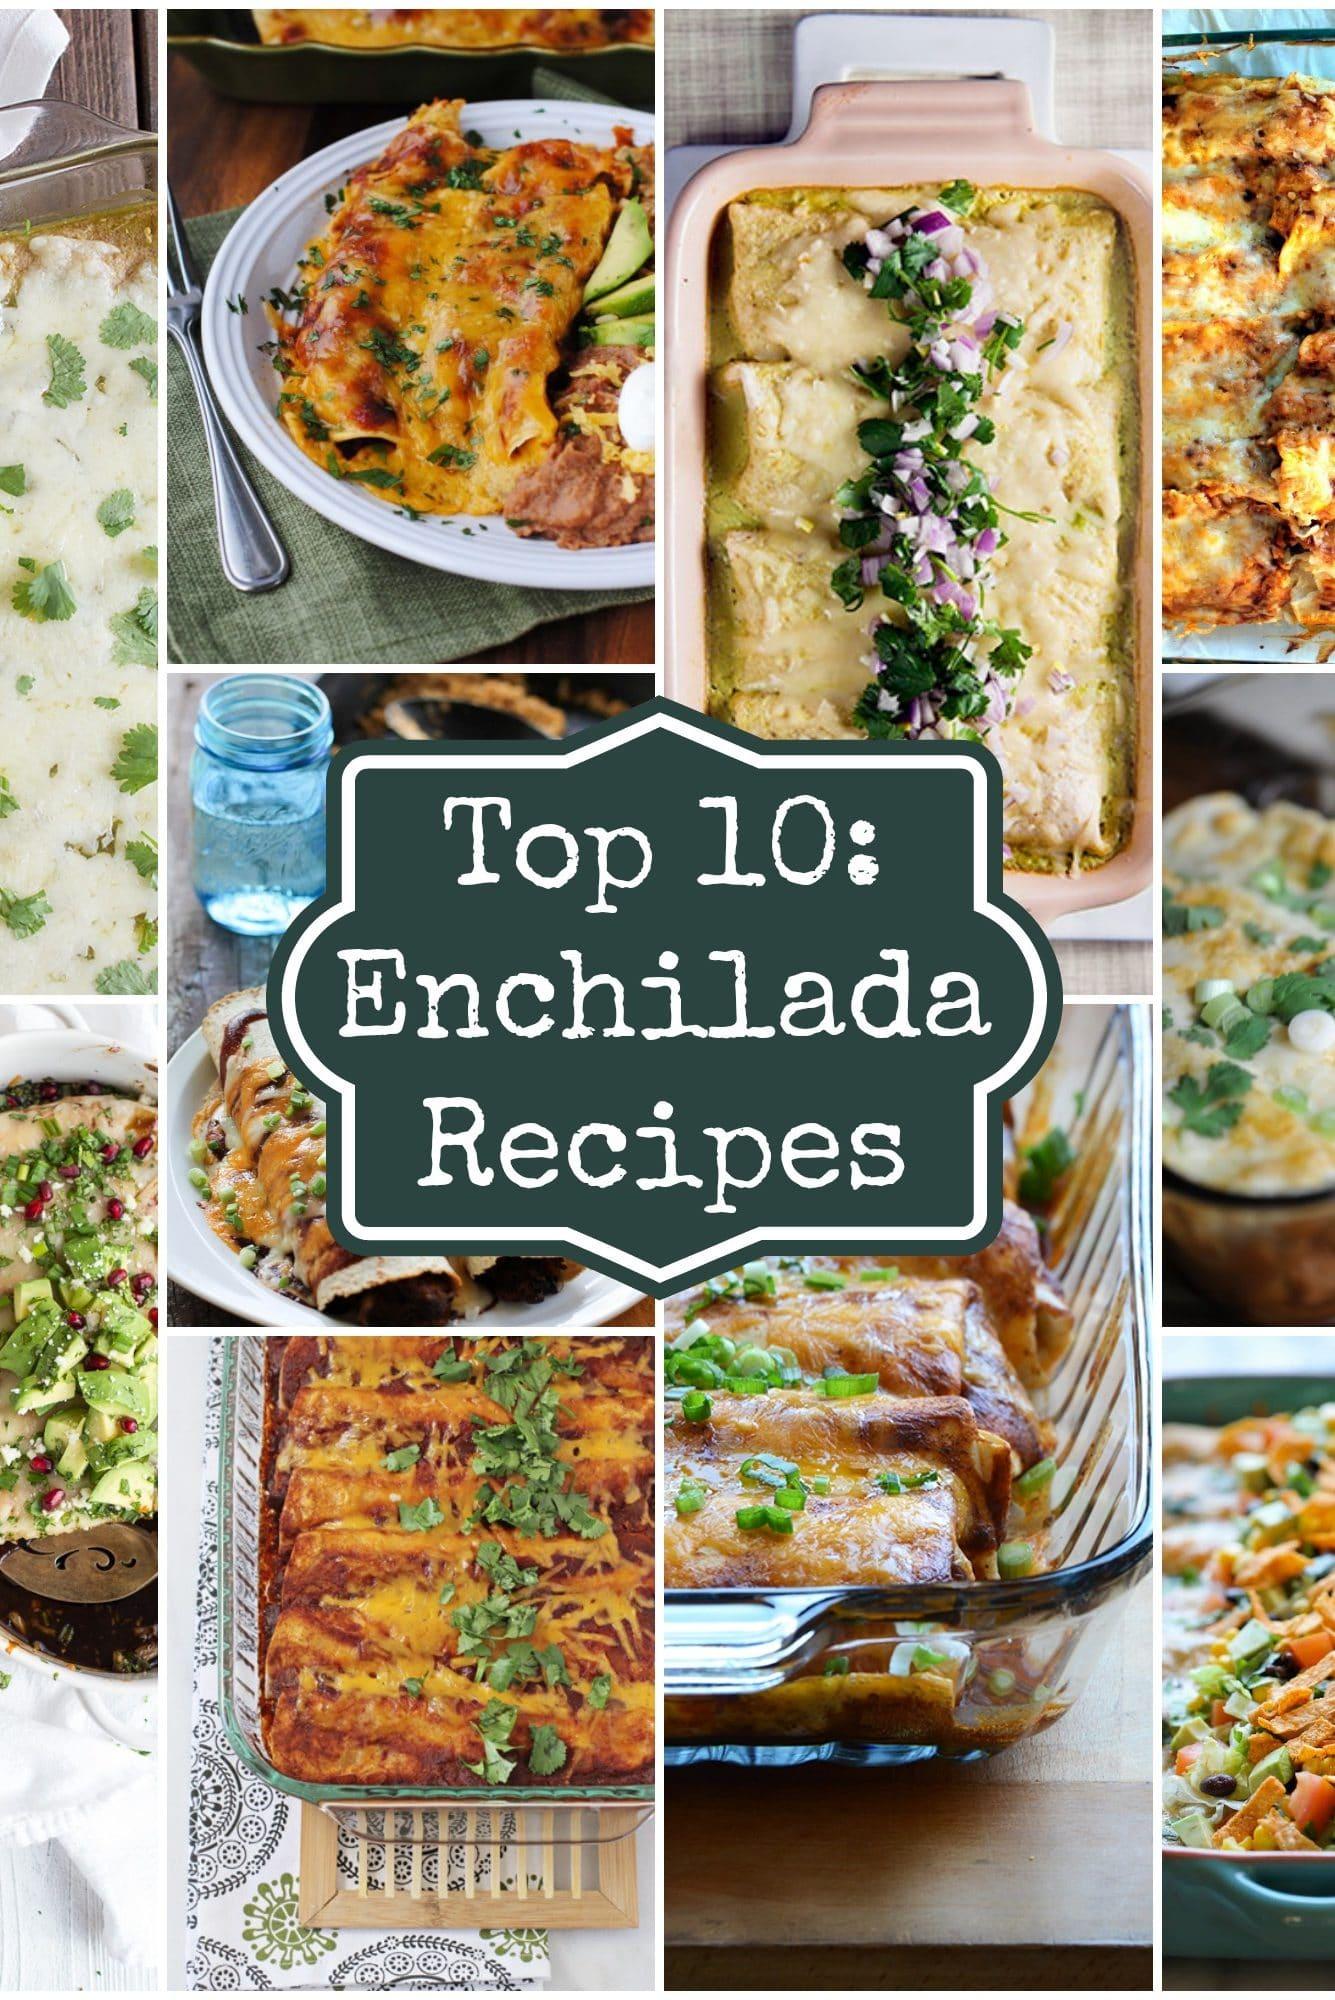 Top 10 Enchilada Recipes.jpg e1534110180851